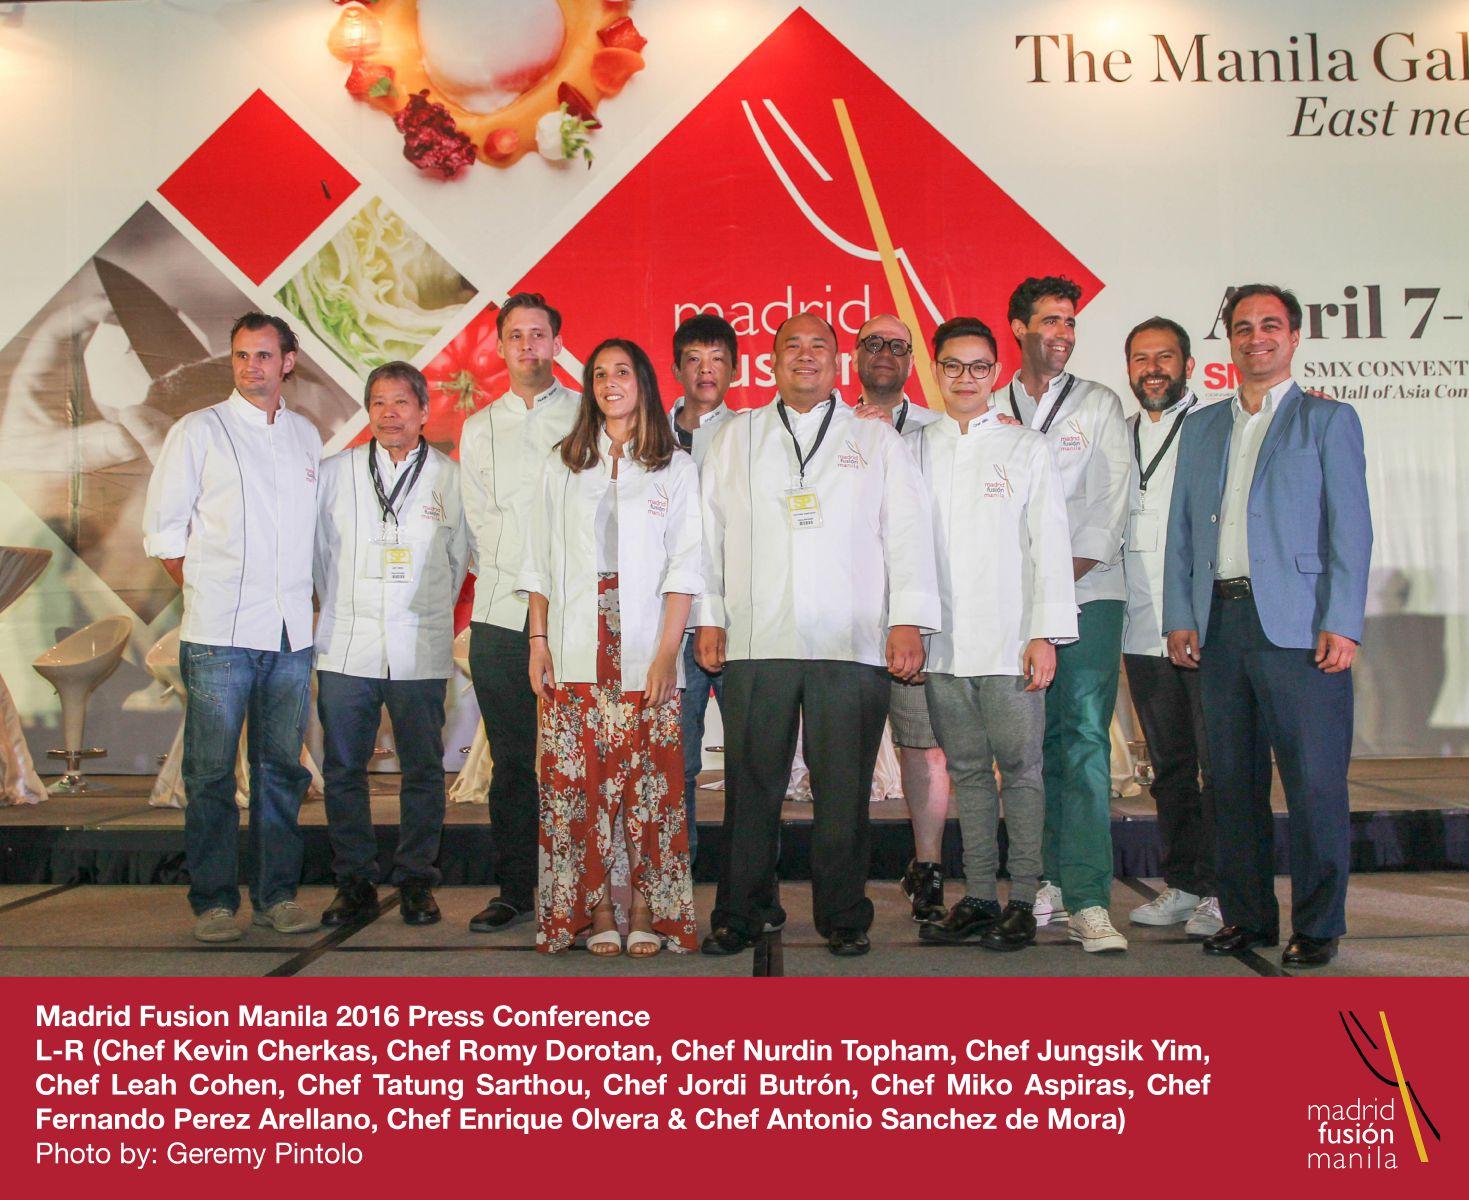 Así fue Madrid Fusión Manila 2016 - Gastroactitud  Pasión